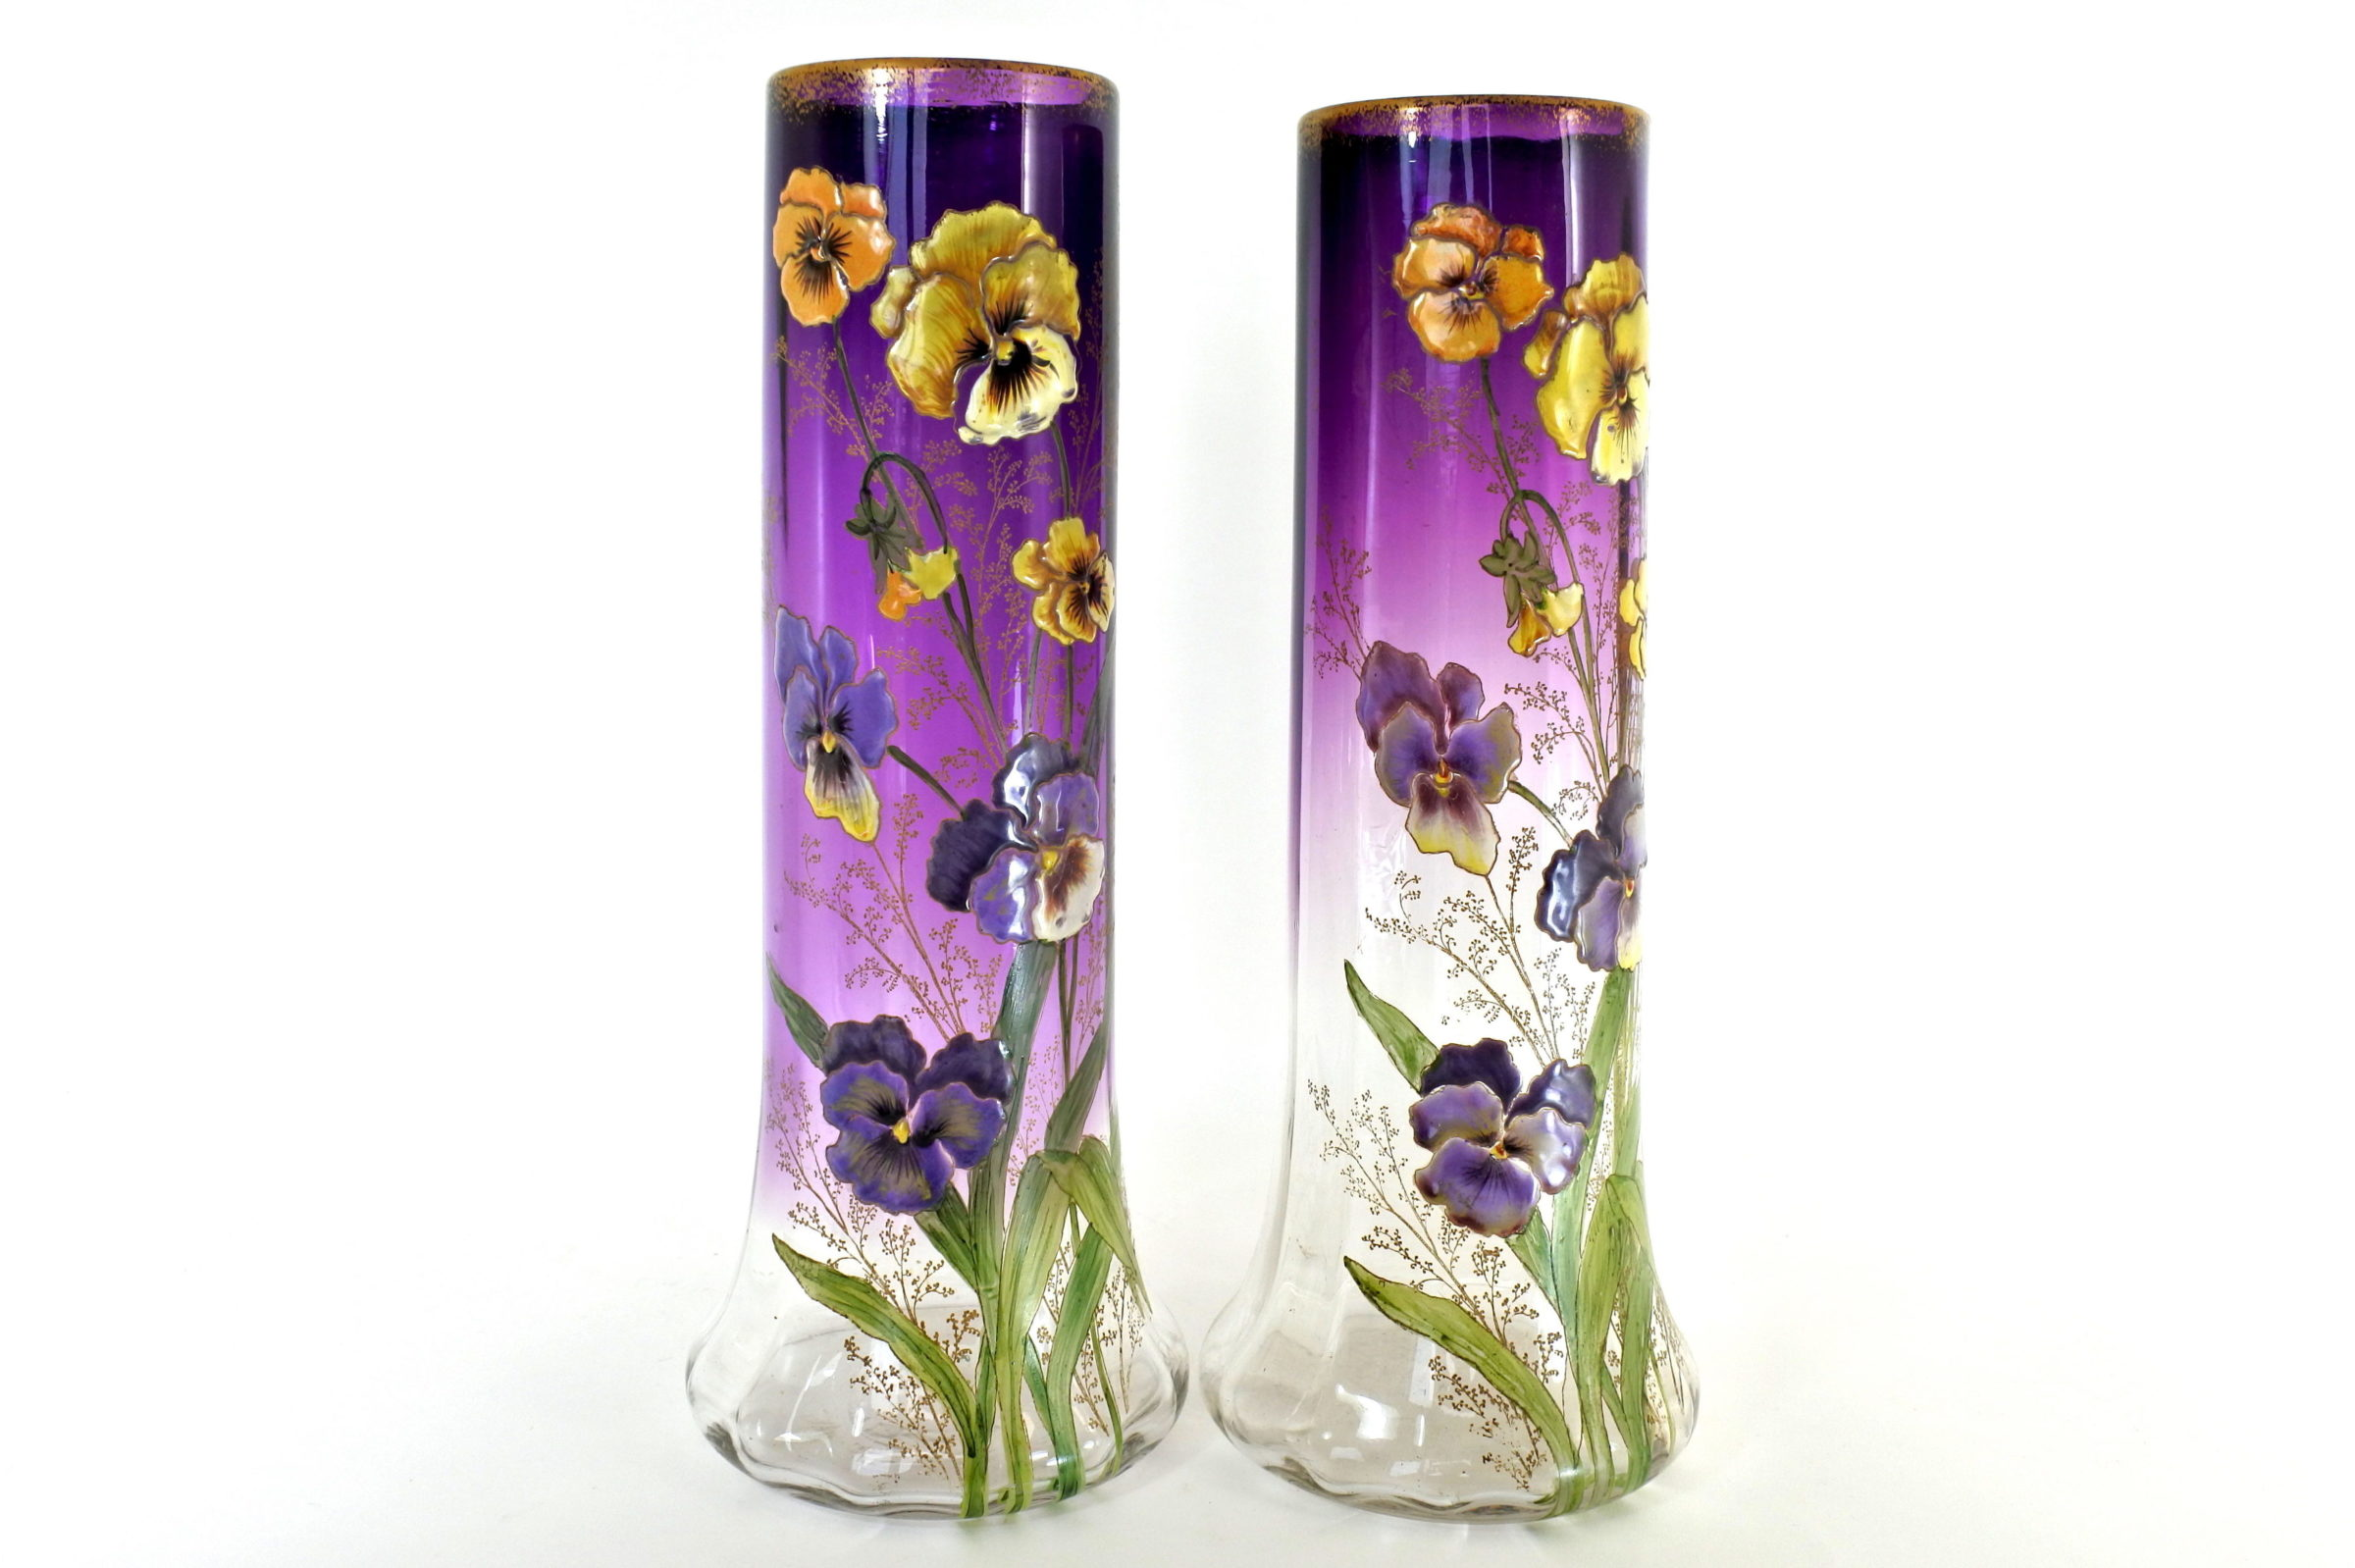 Coppia di vasi Legras in vetro soffiato e smaltato con viole del pensiero - Pensées - 4